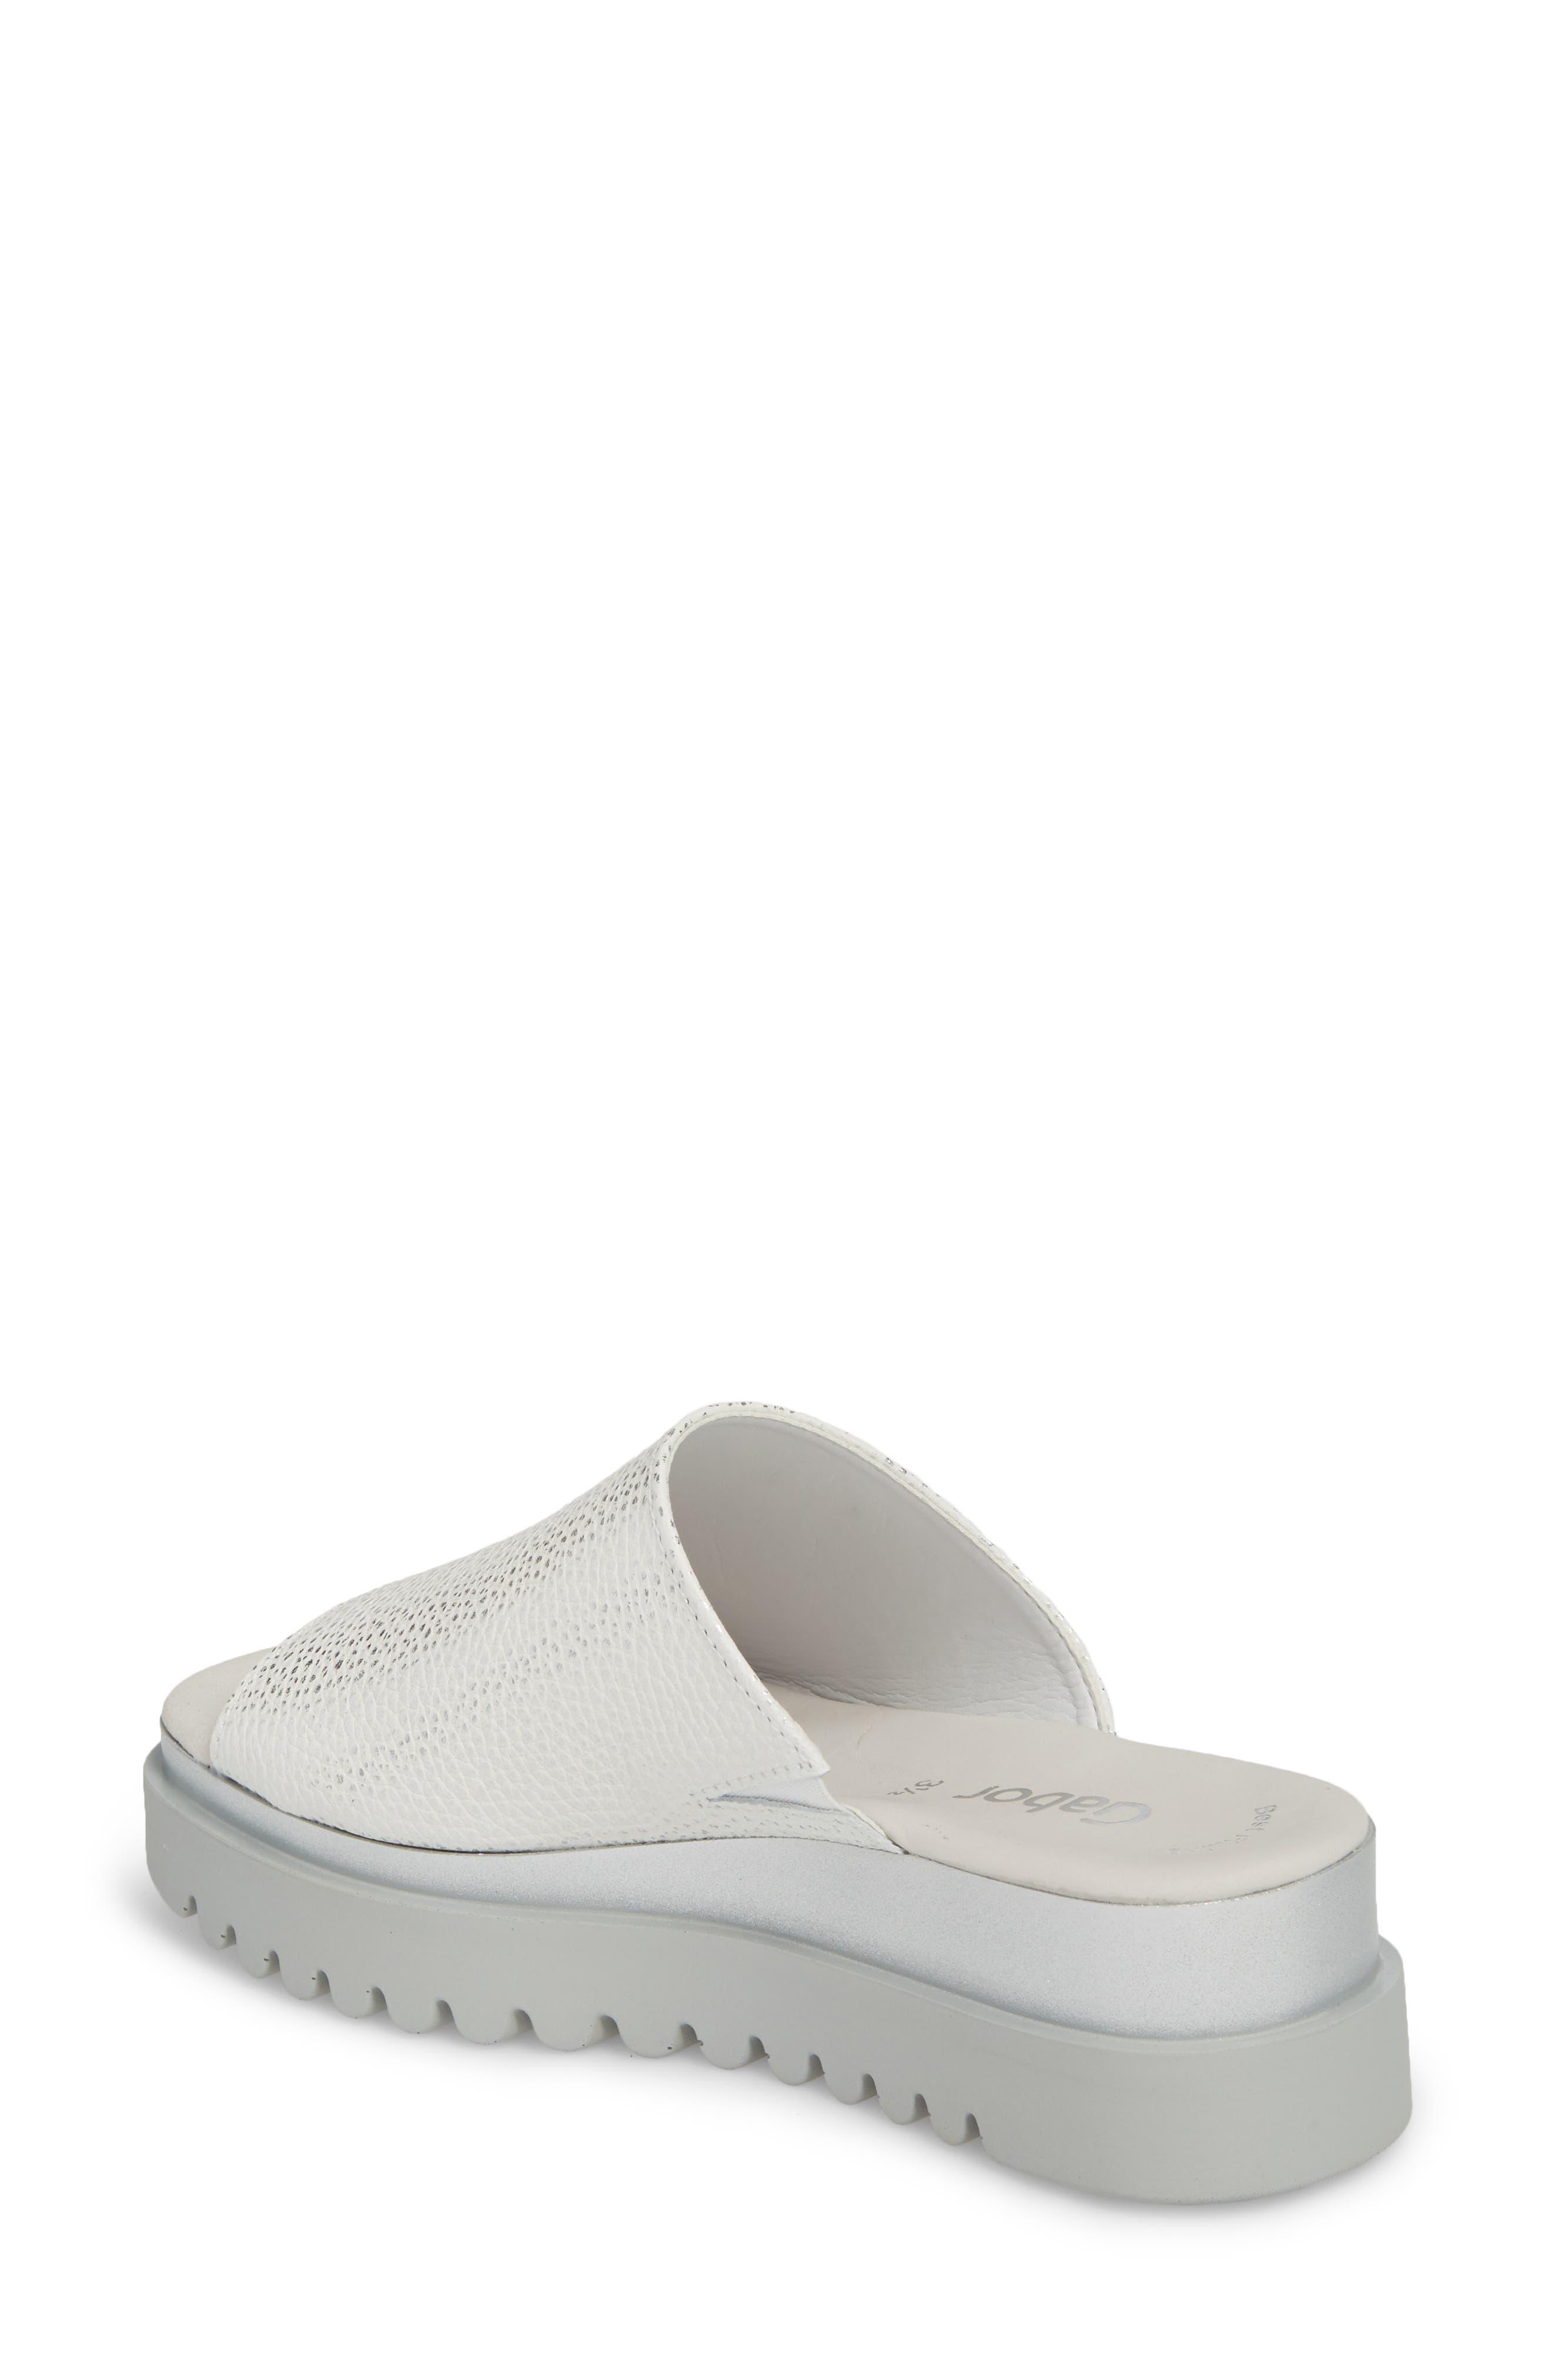 Platform Slide Sandal,                             Alternate thumbnail 2, color,                             WHITE LEATHER